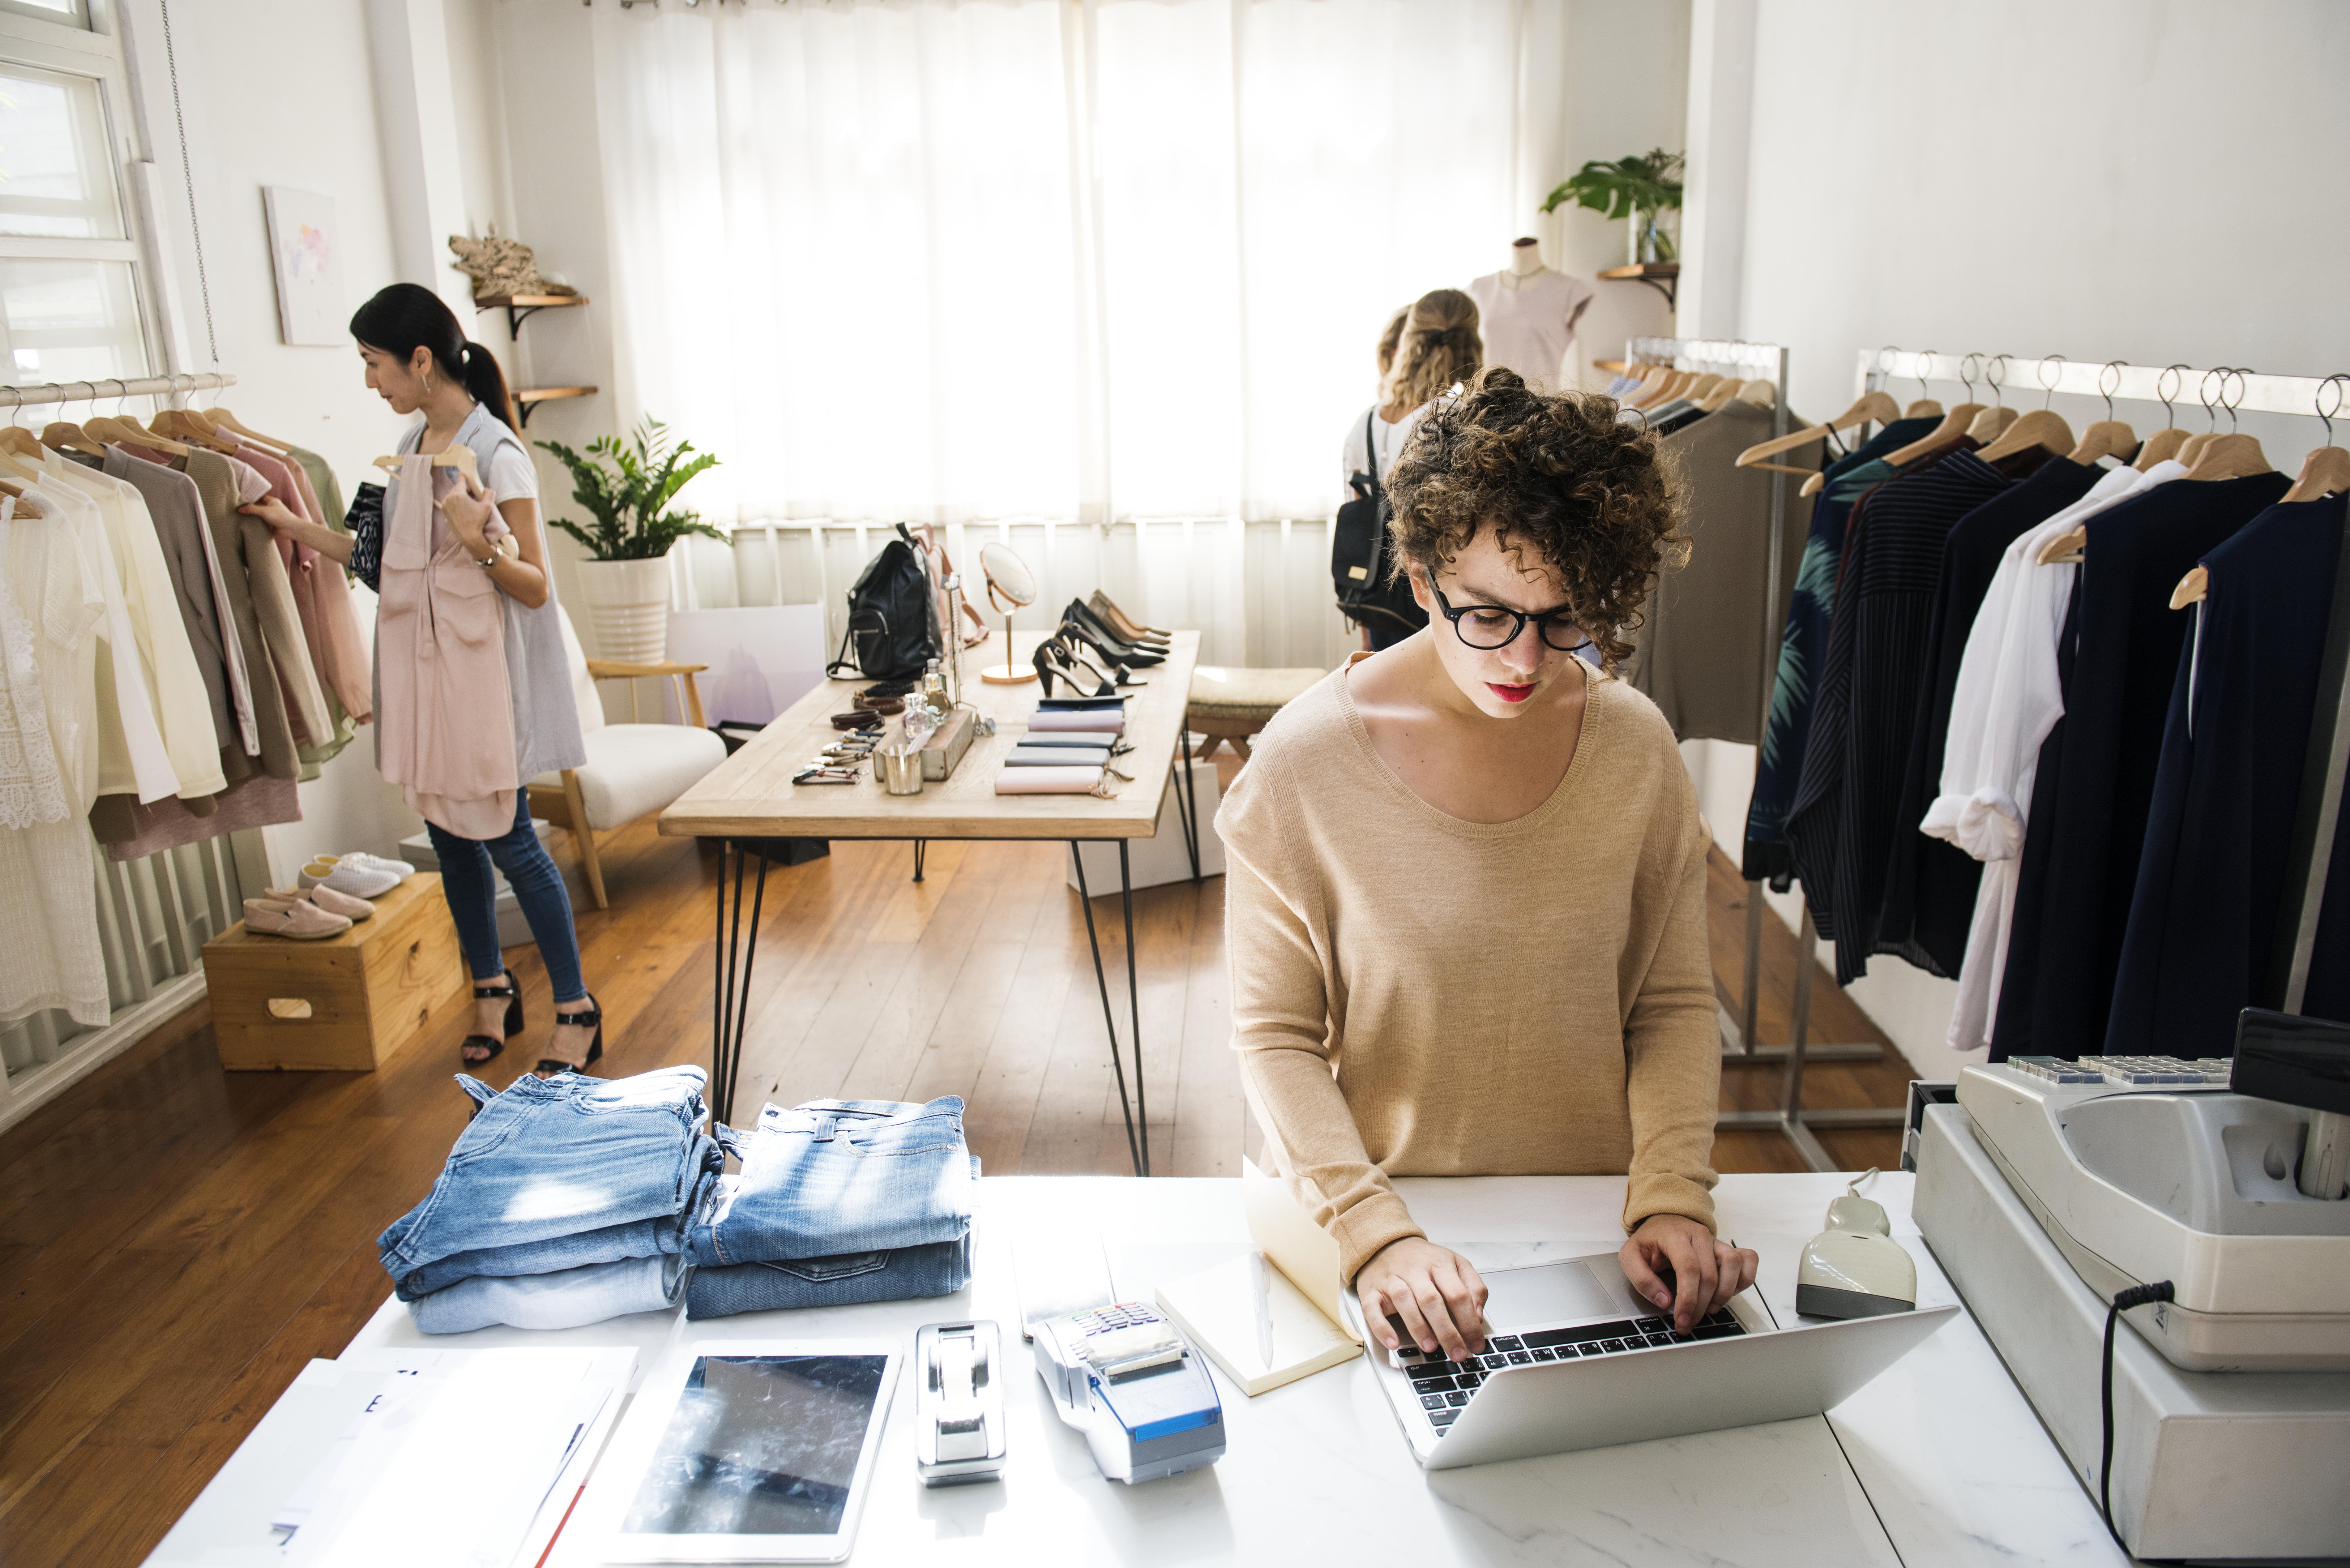 Modelli di Moda Sostenibile: tra Sharing Economy e Fashion Rental